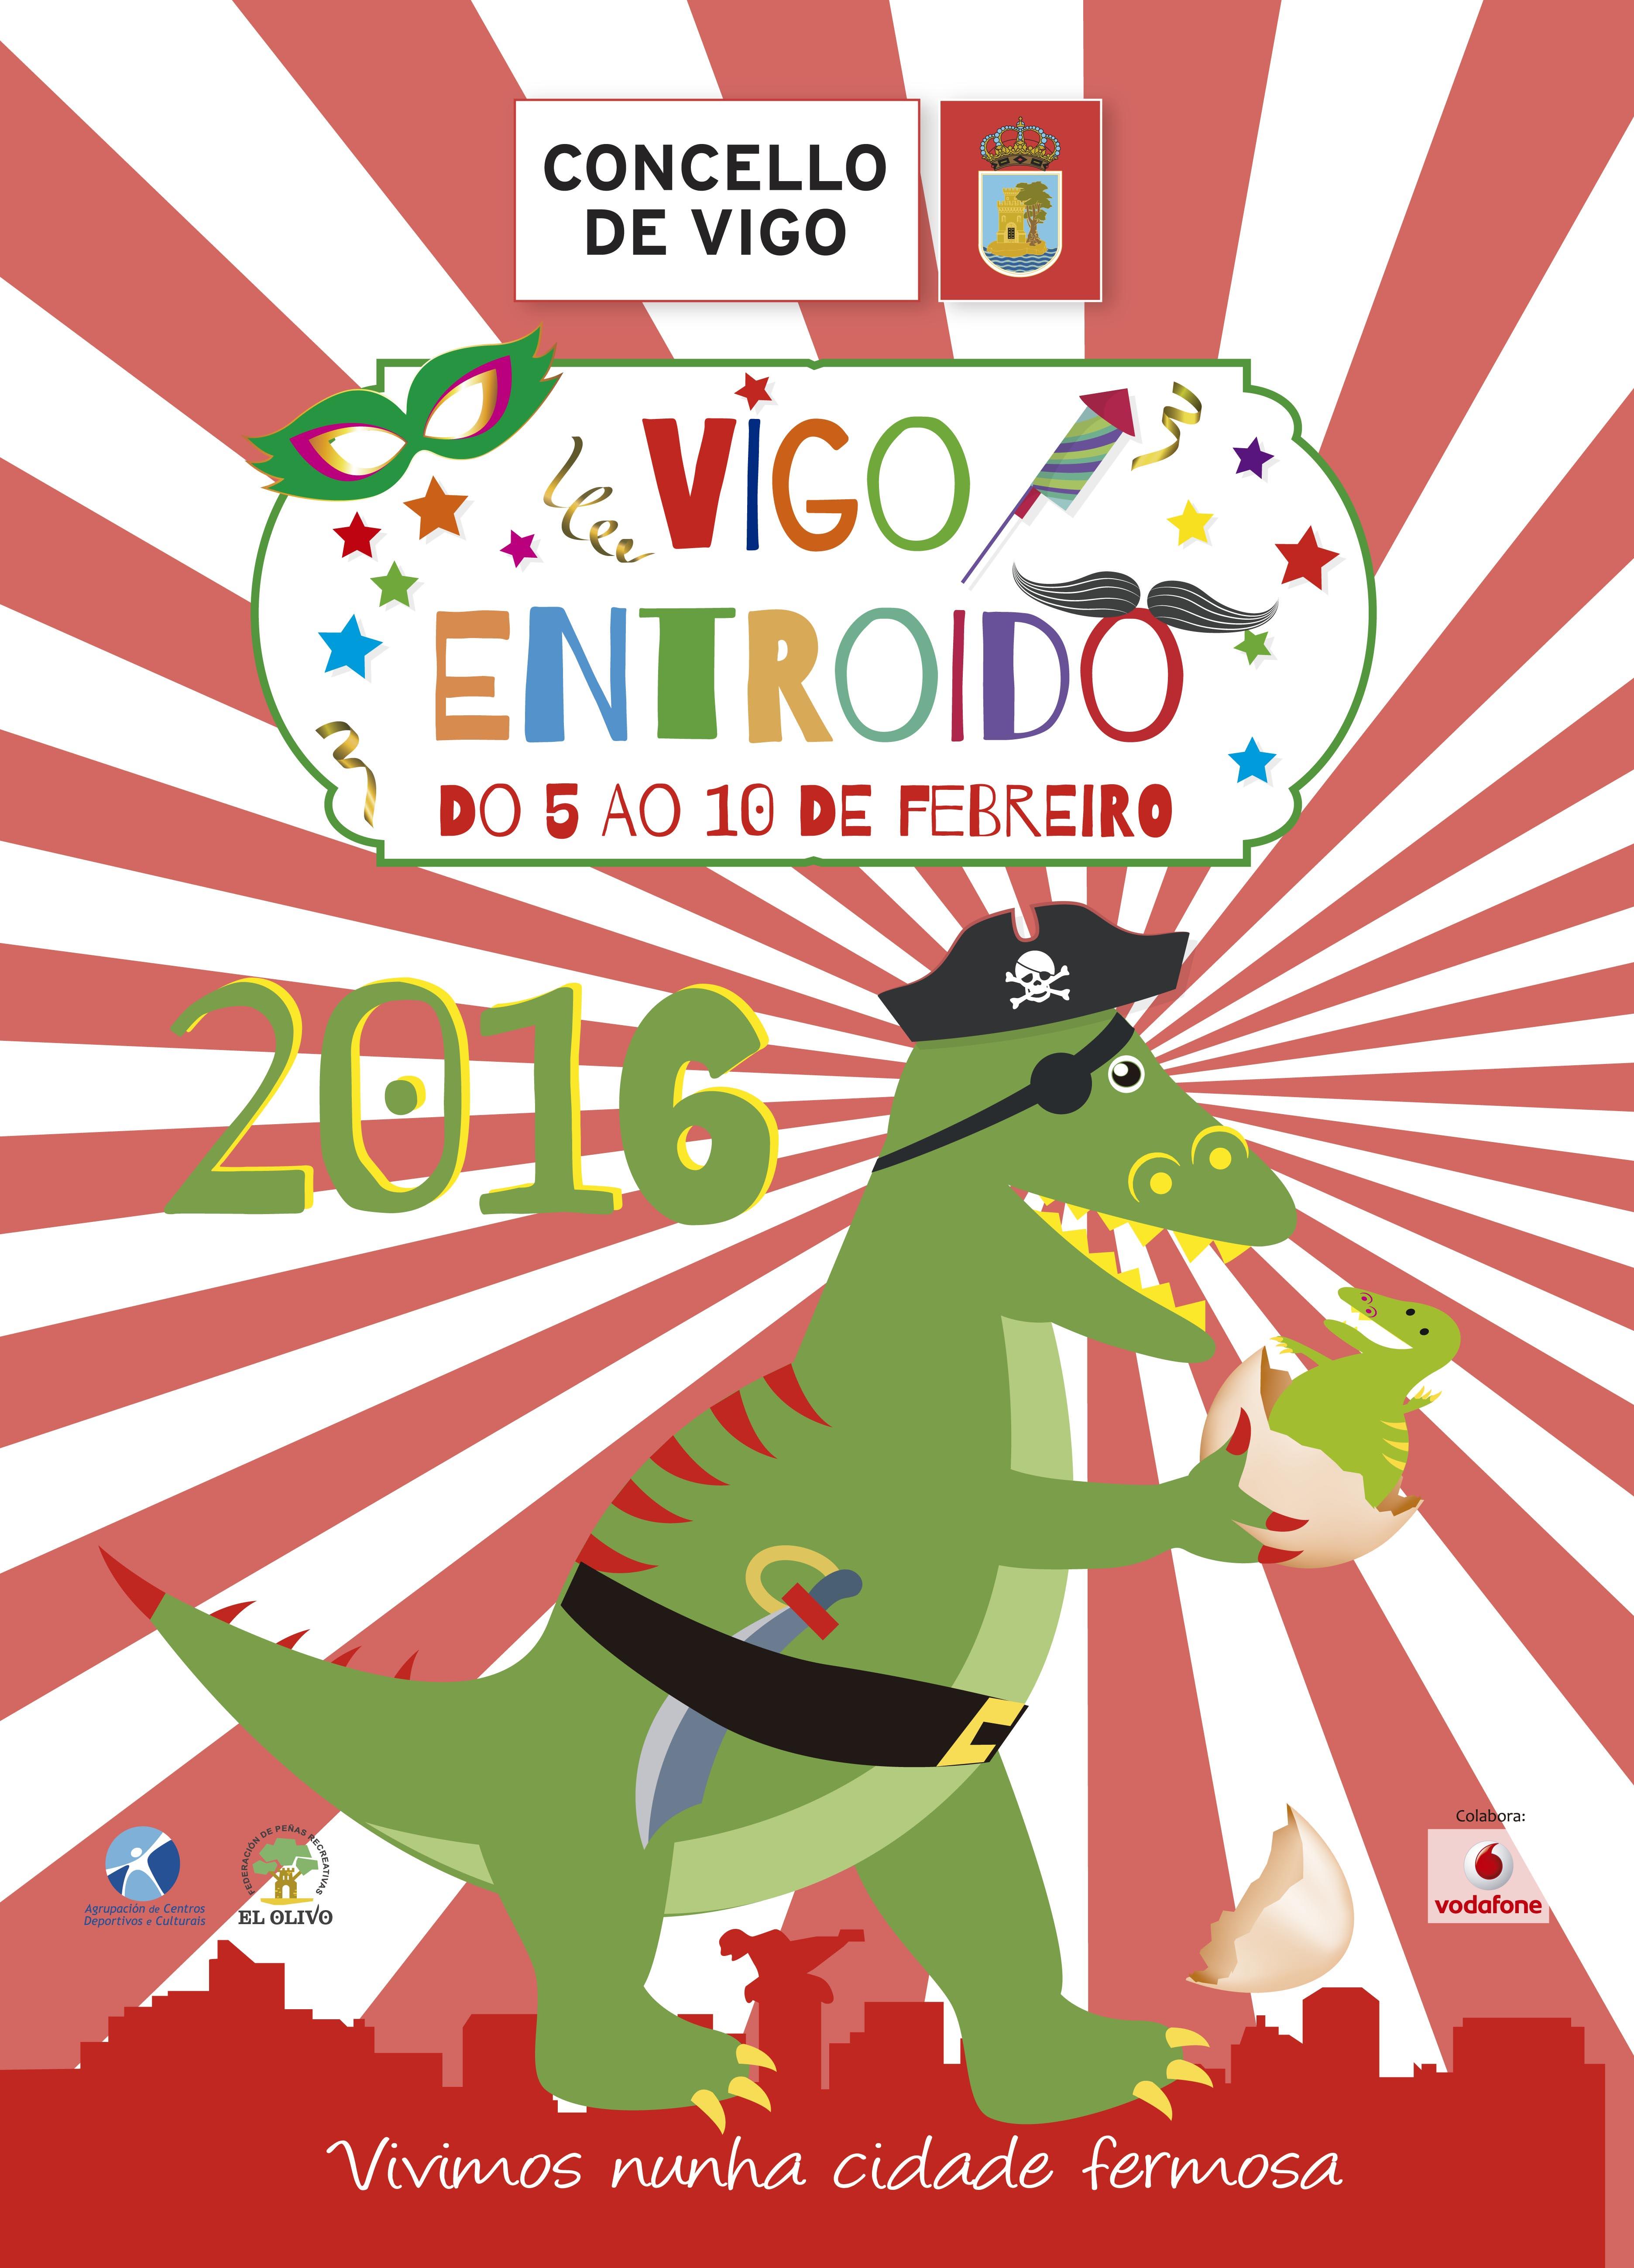 Vigo Entroido 2016 cartel